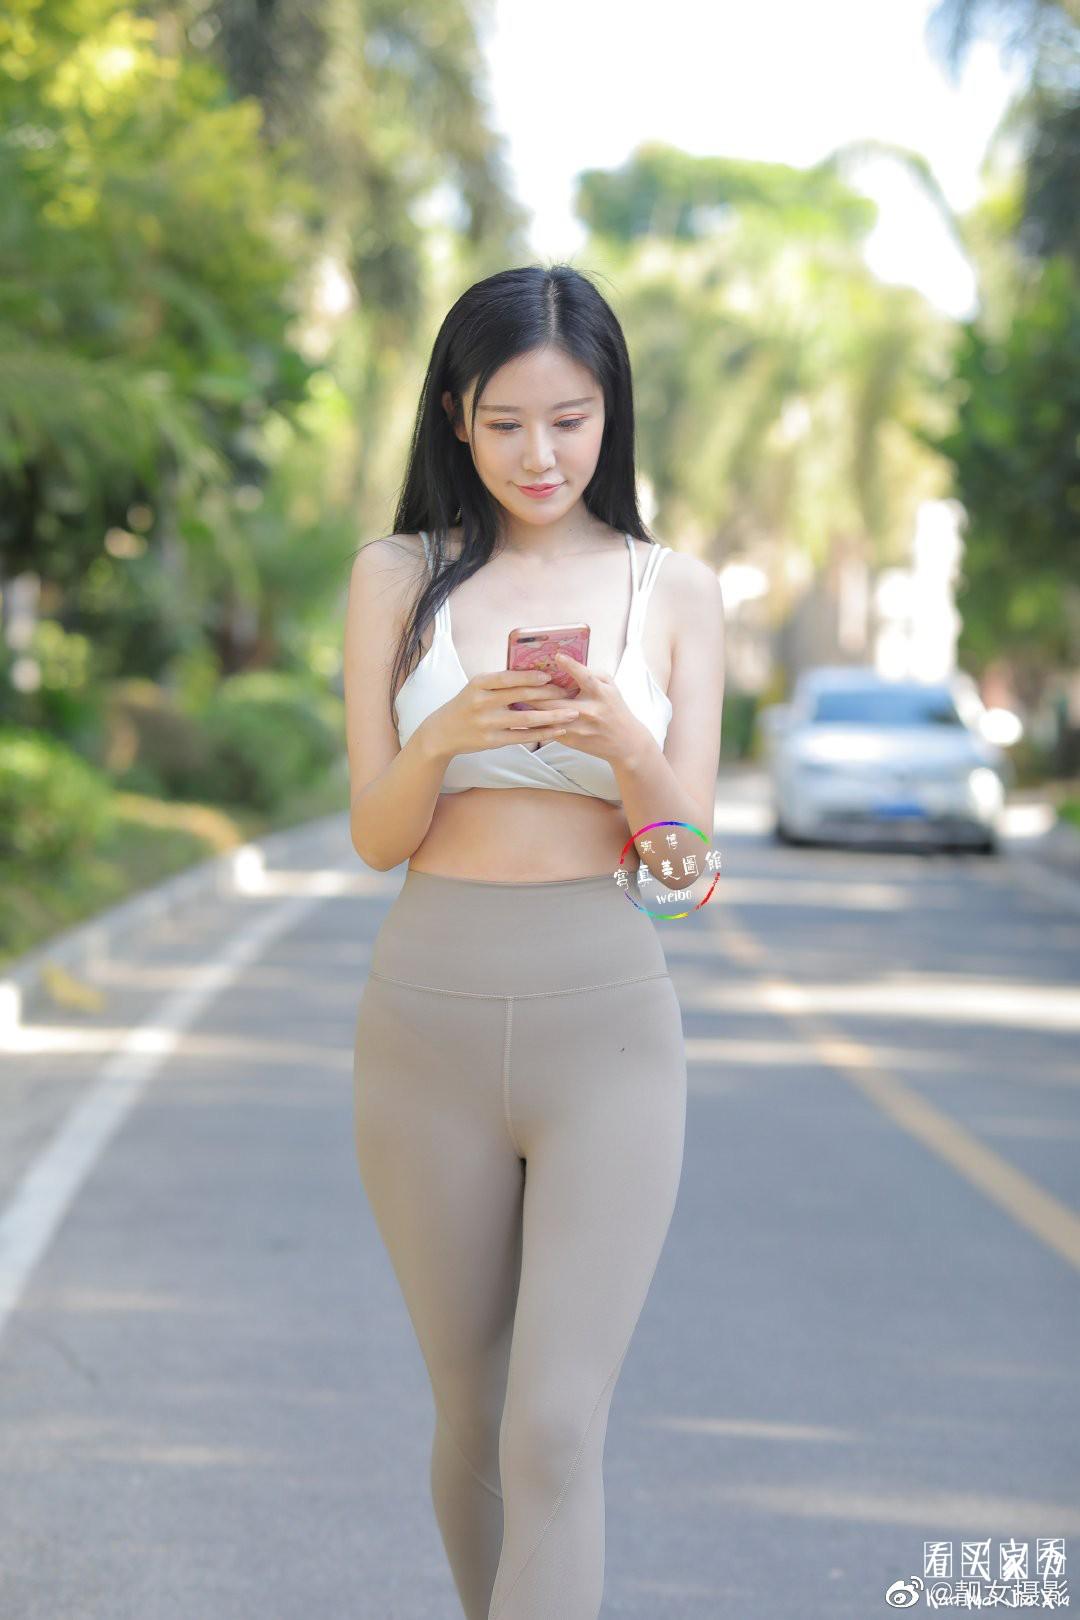 [街拍美女]超大胸美女街拍,瑜伽裤运动内衣尽显魔鬼身材2